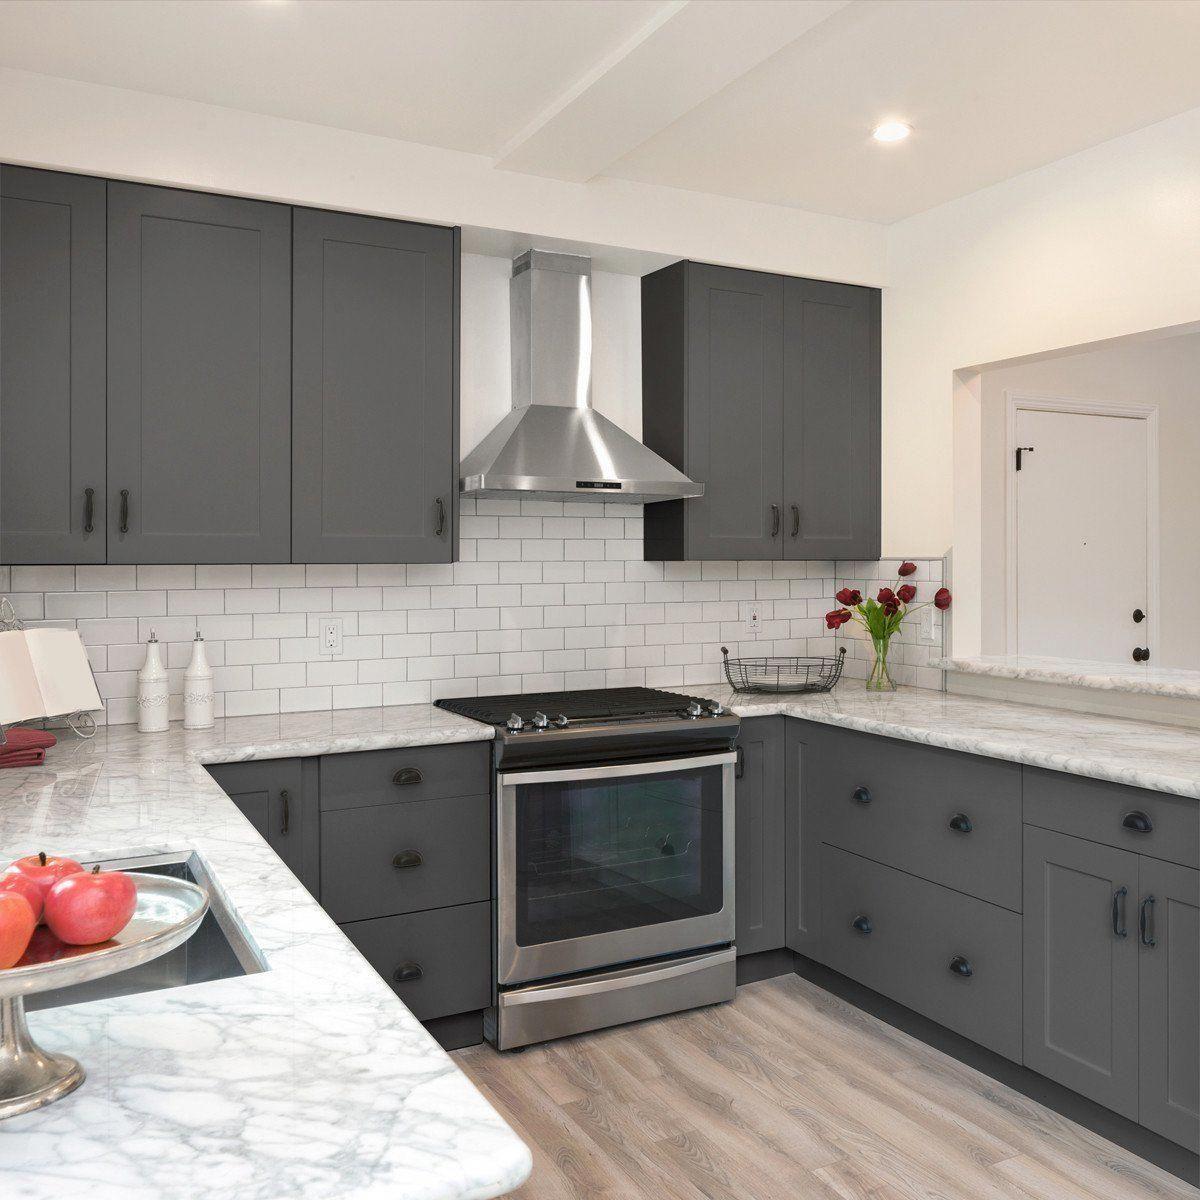 Best Kitchen Interior Ideas Modern Chic And Stylish 400 x 300